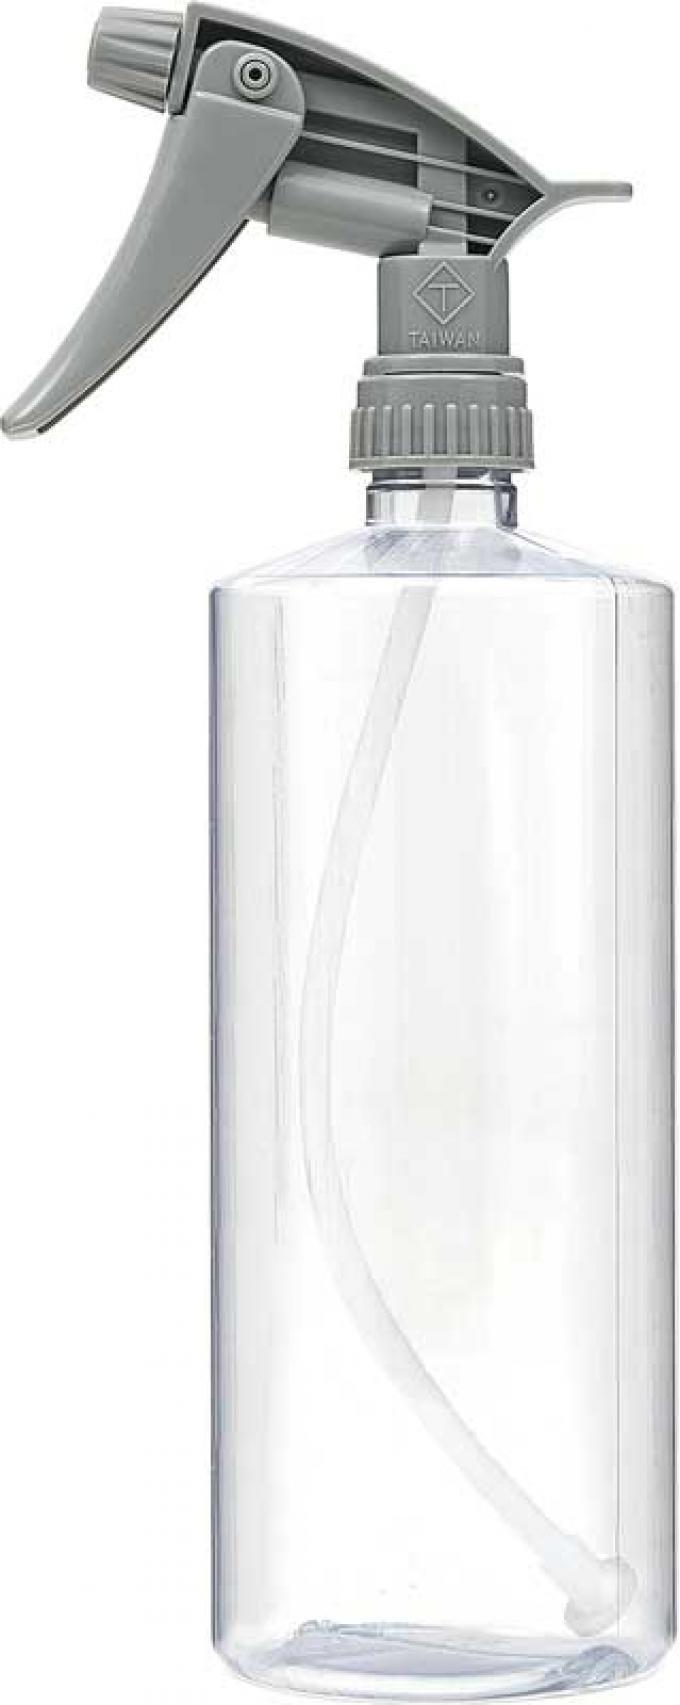 OER 32 Oz HD Bottle & Sprayer Each K89802